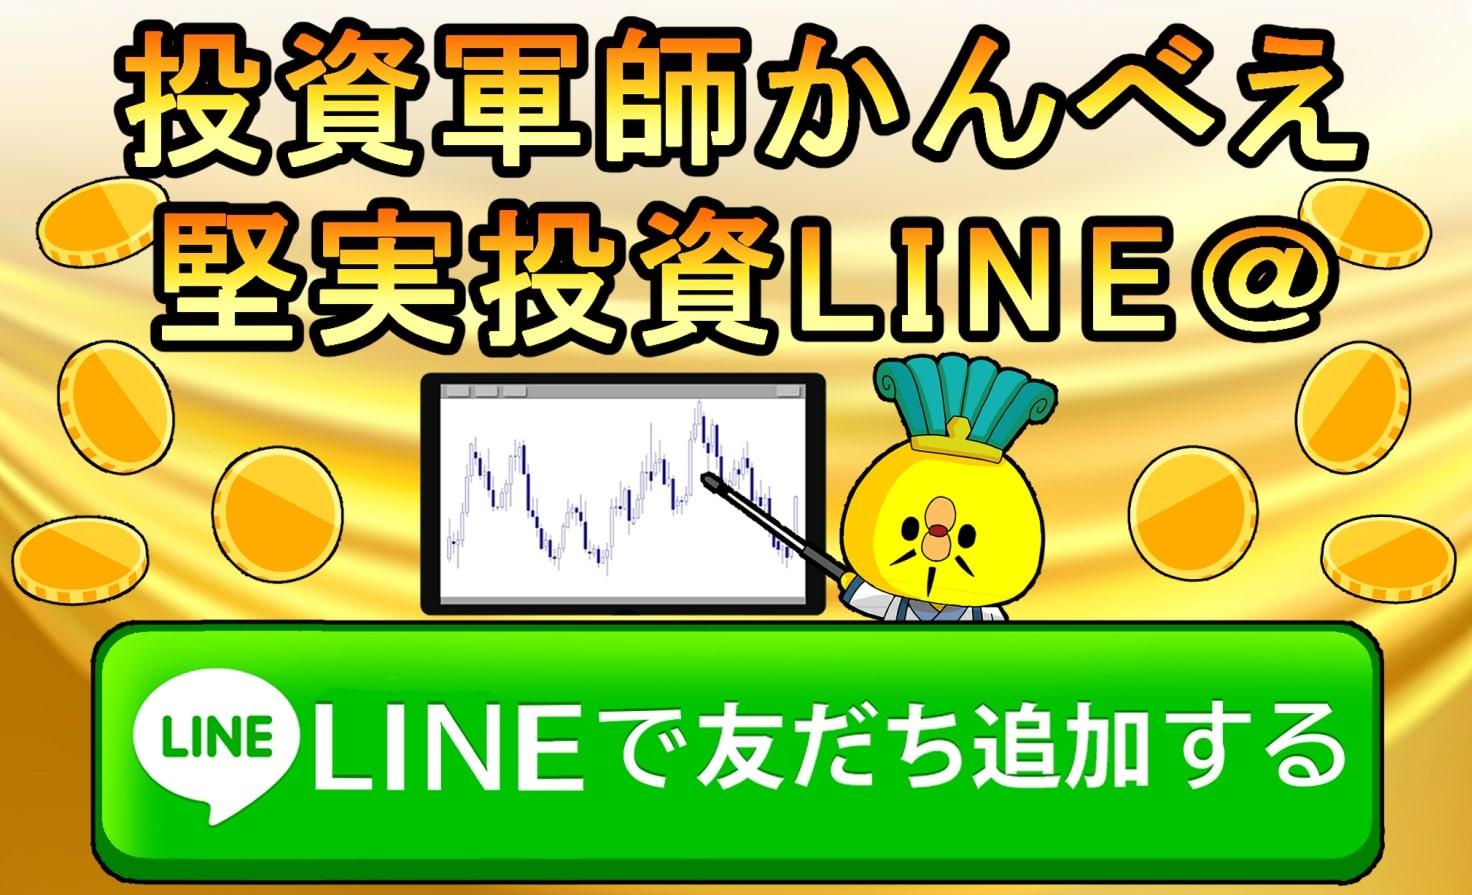 LINE@やってます